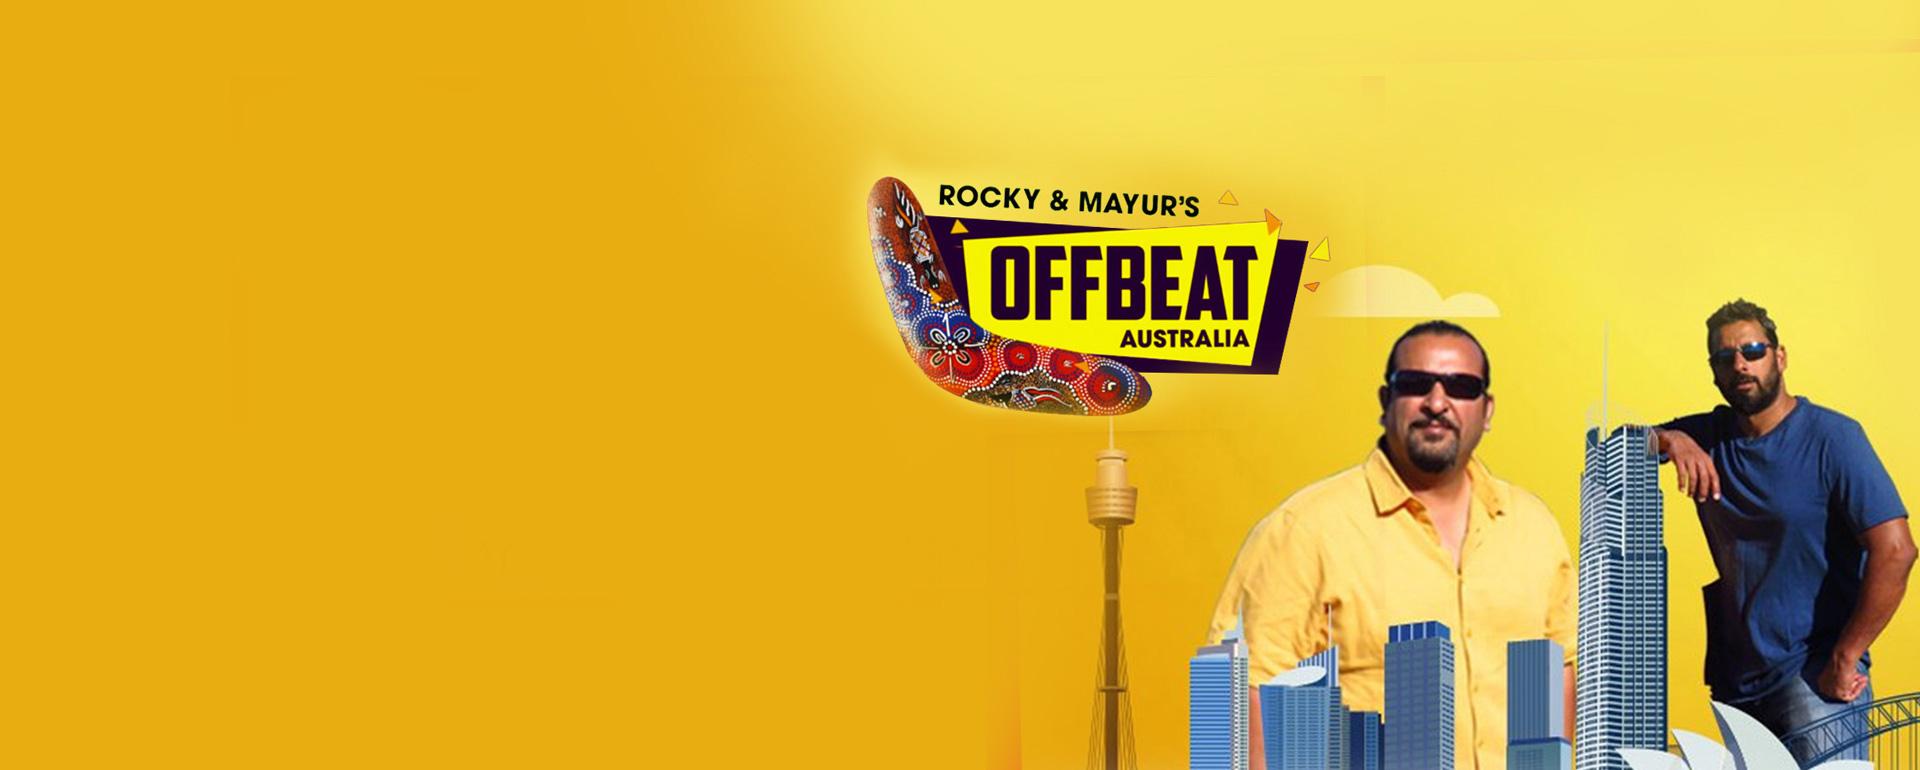 ROCKY & MAYUR\'s OFFBEAT AUSTRALIA